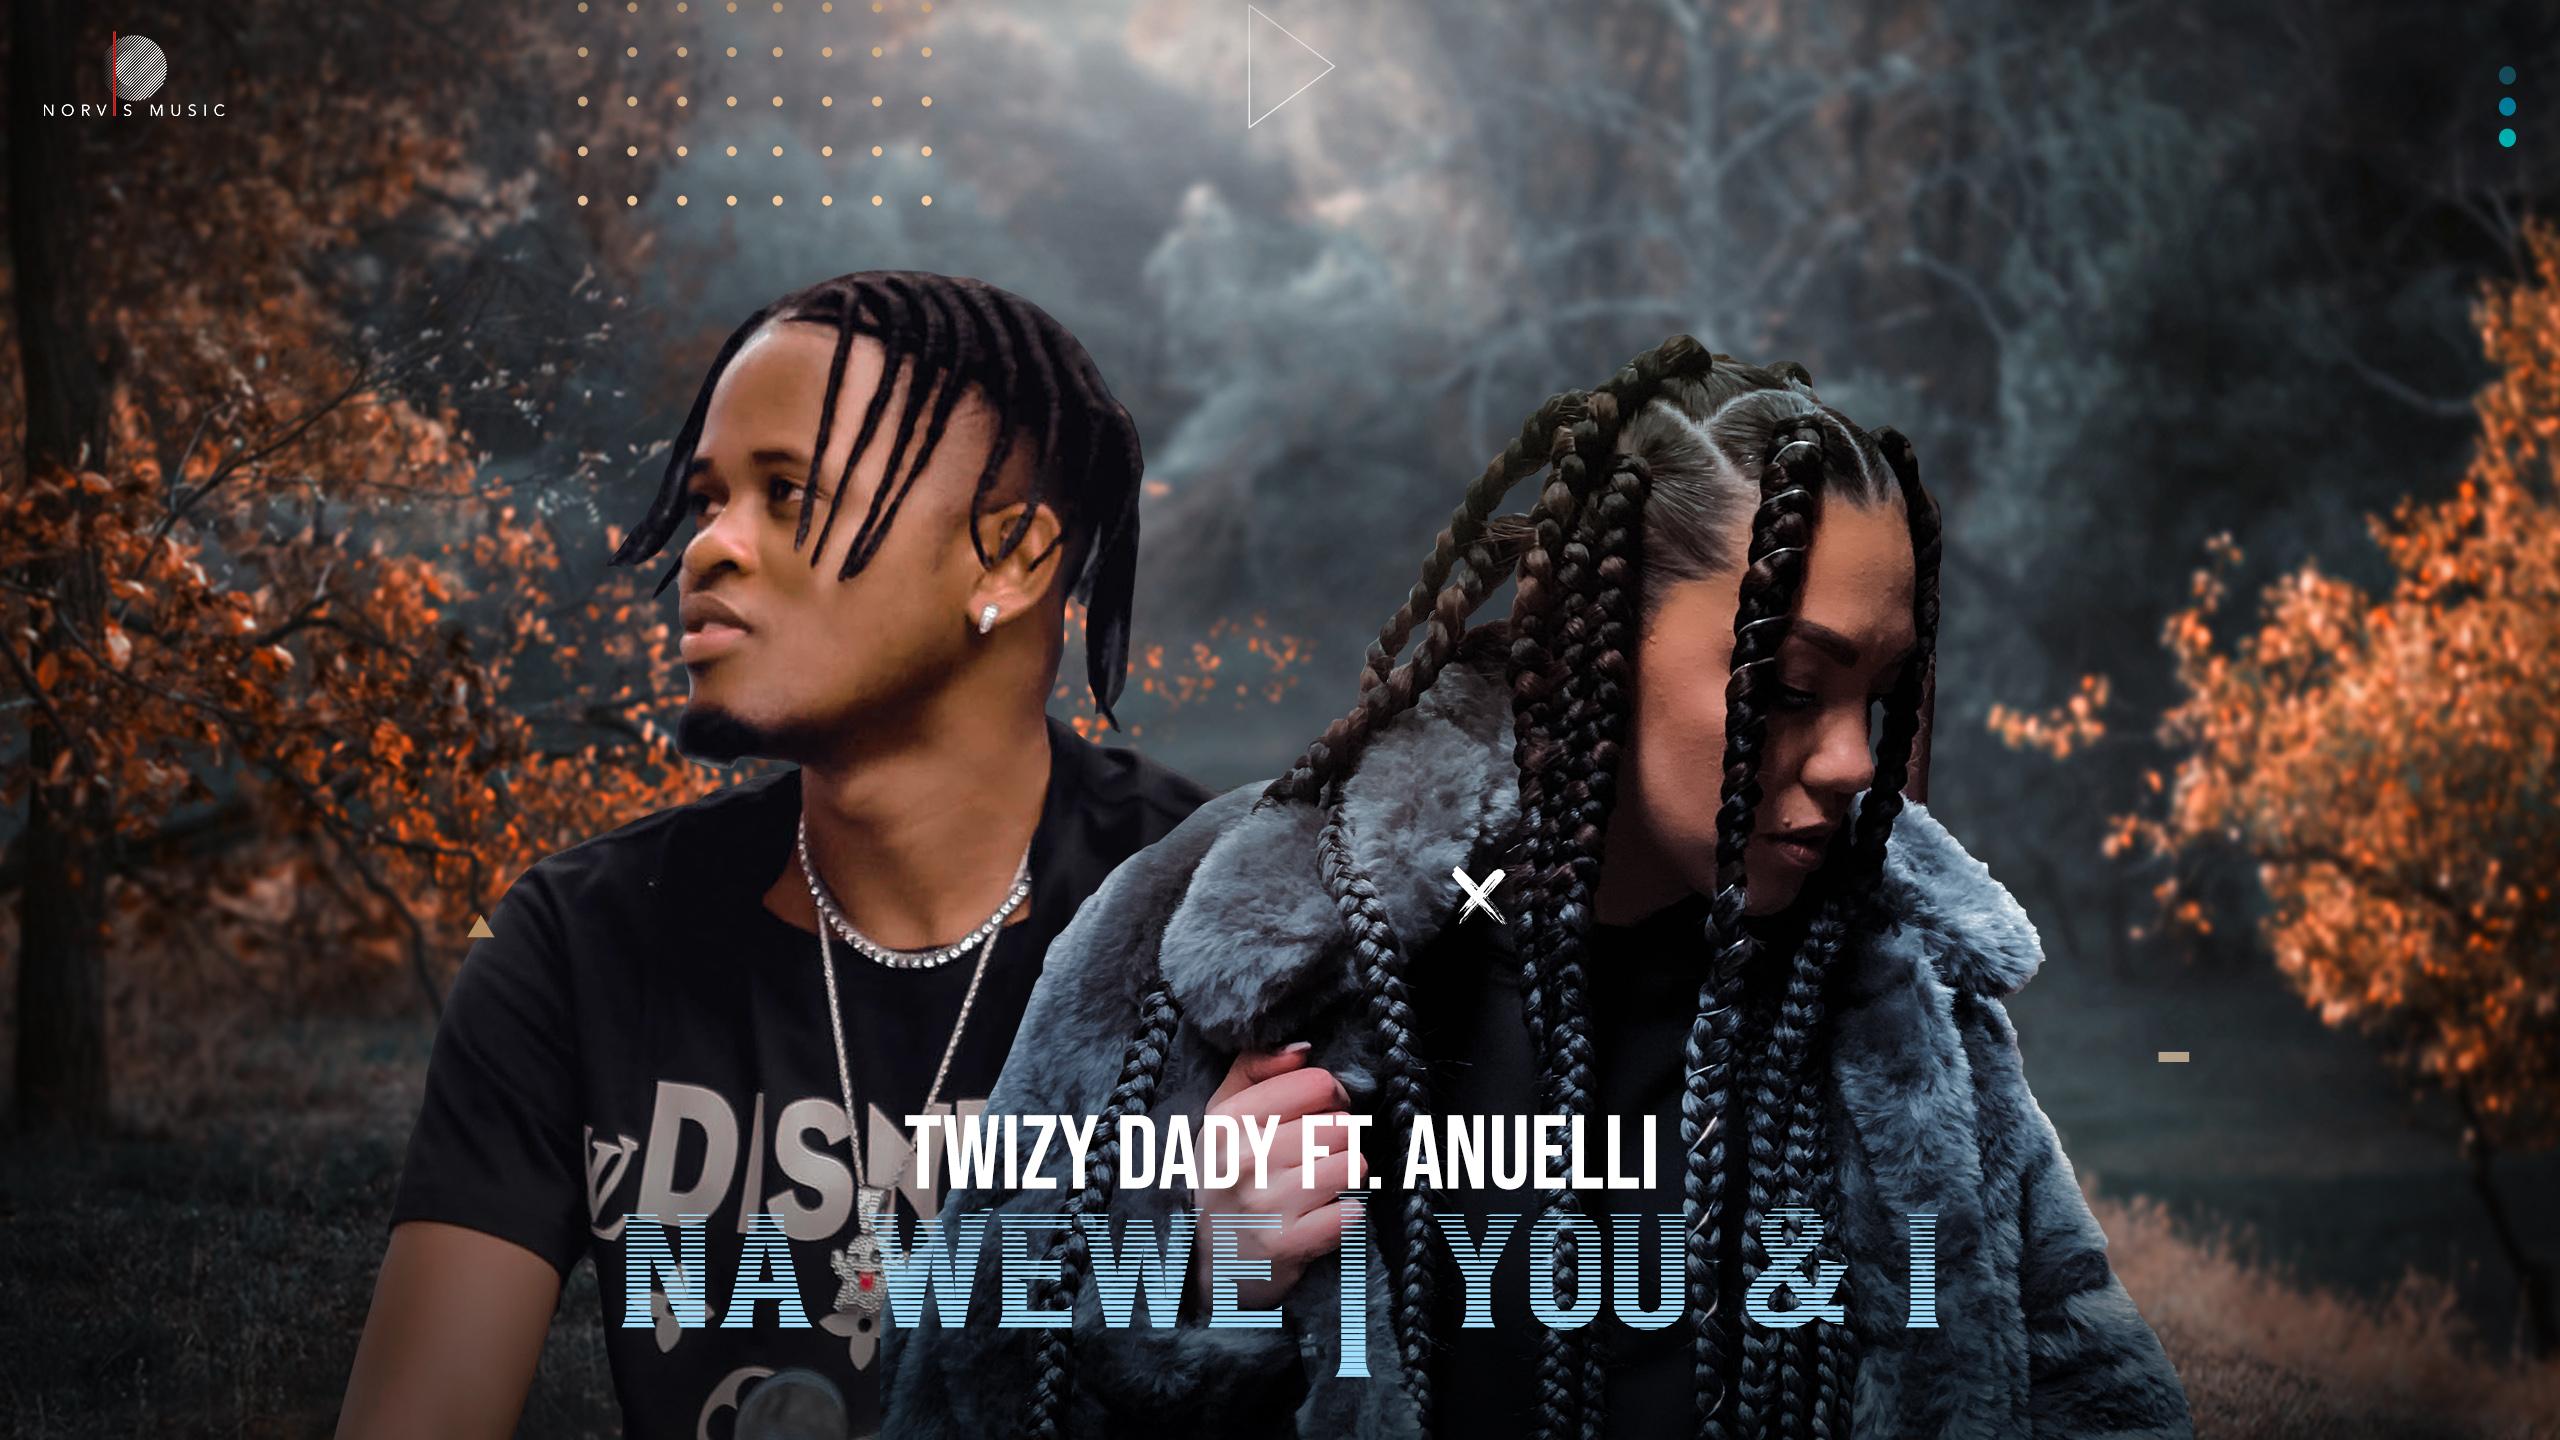 Bilionera continuă! Ascultă aici noua piesă, Na Wewe | You & I!